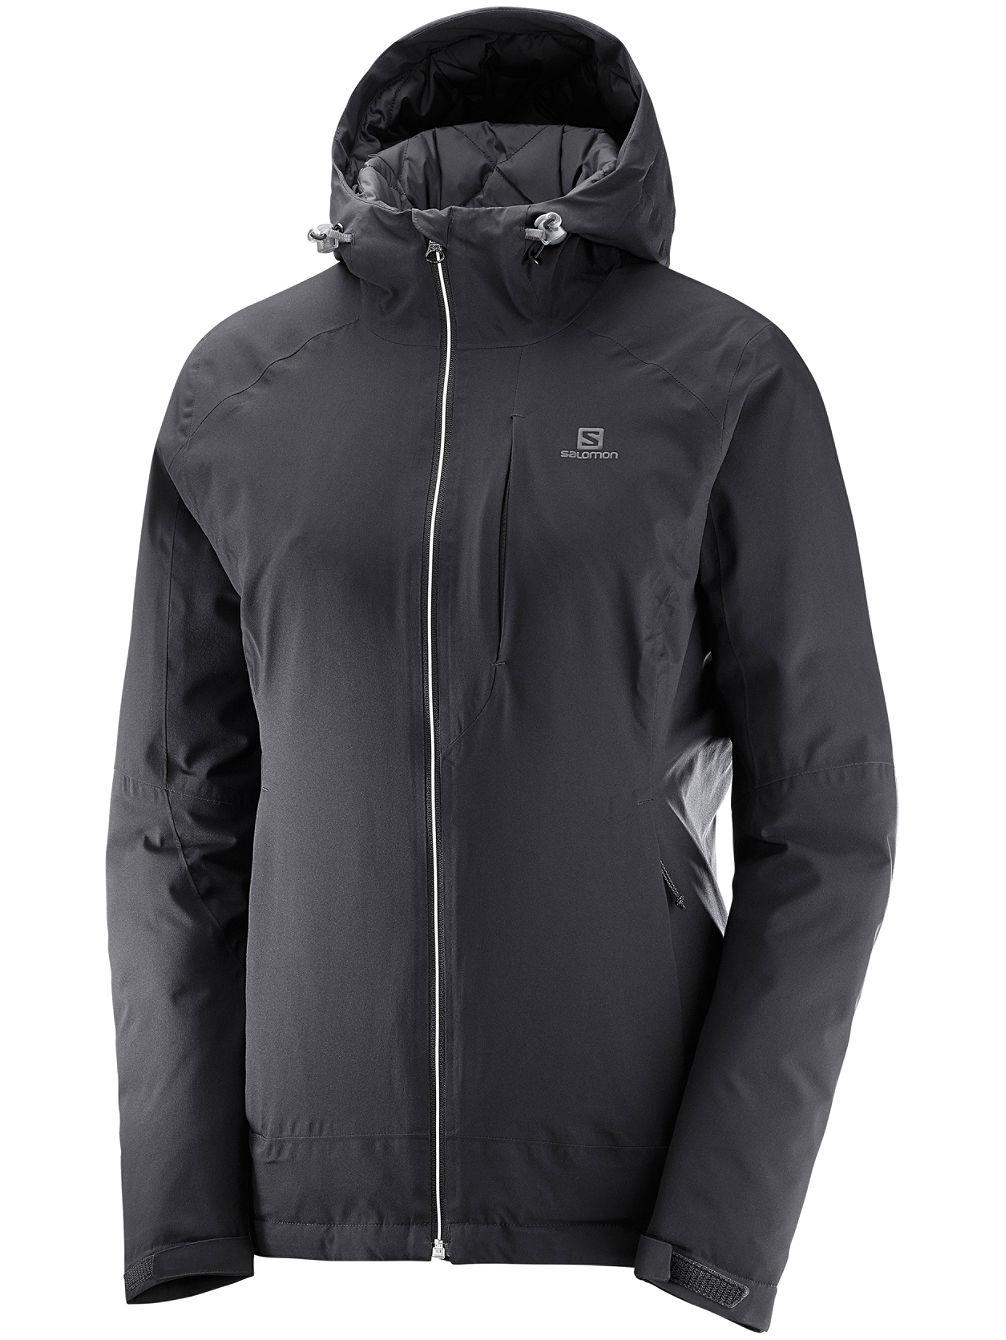 39183c2951e Buy Salomon La Cote Insulated Jacket online at blue-tomato.com